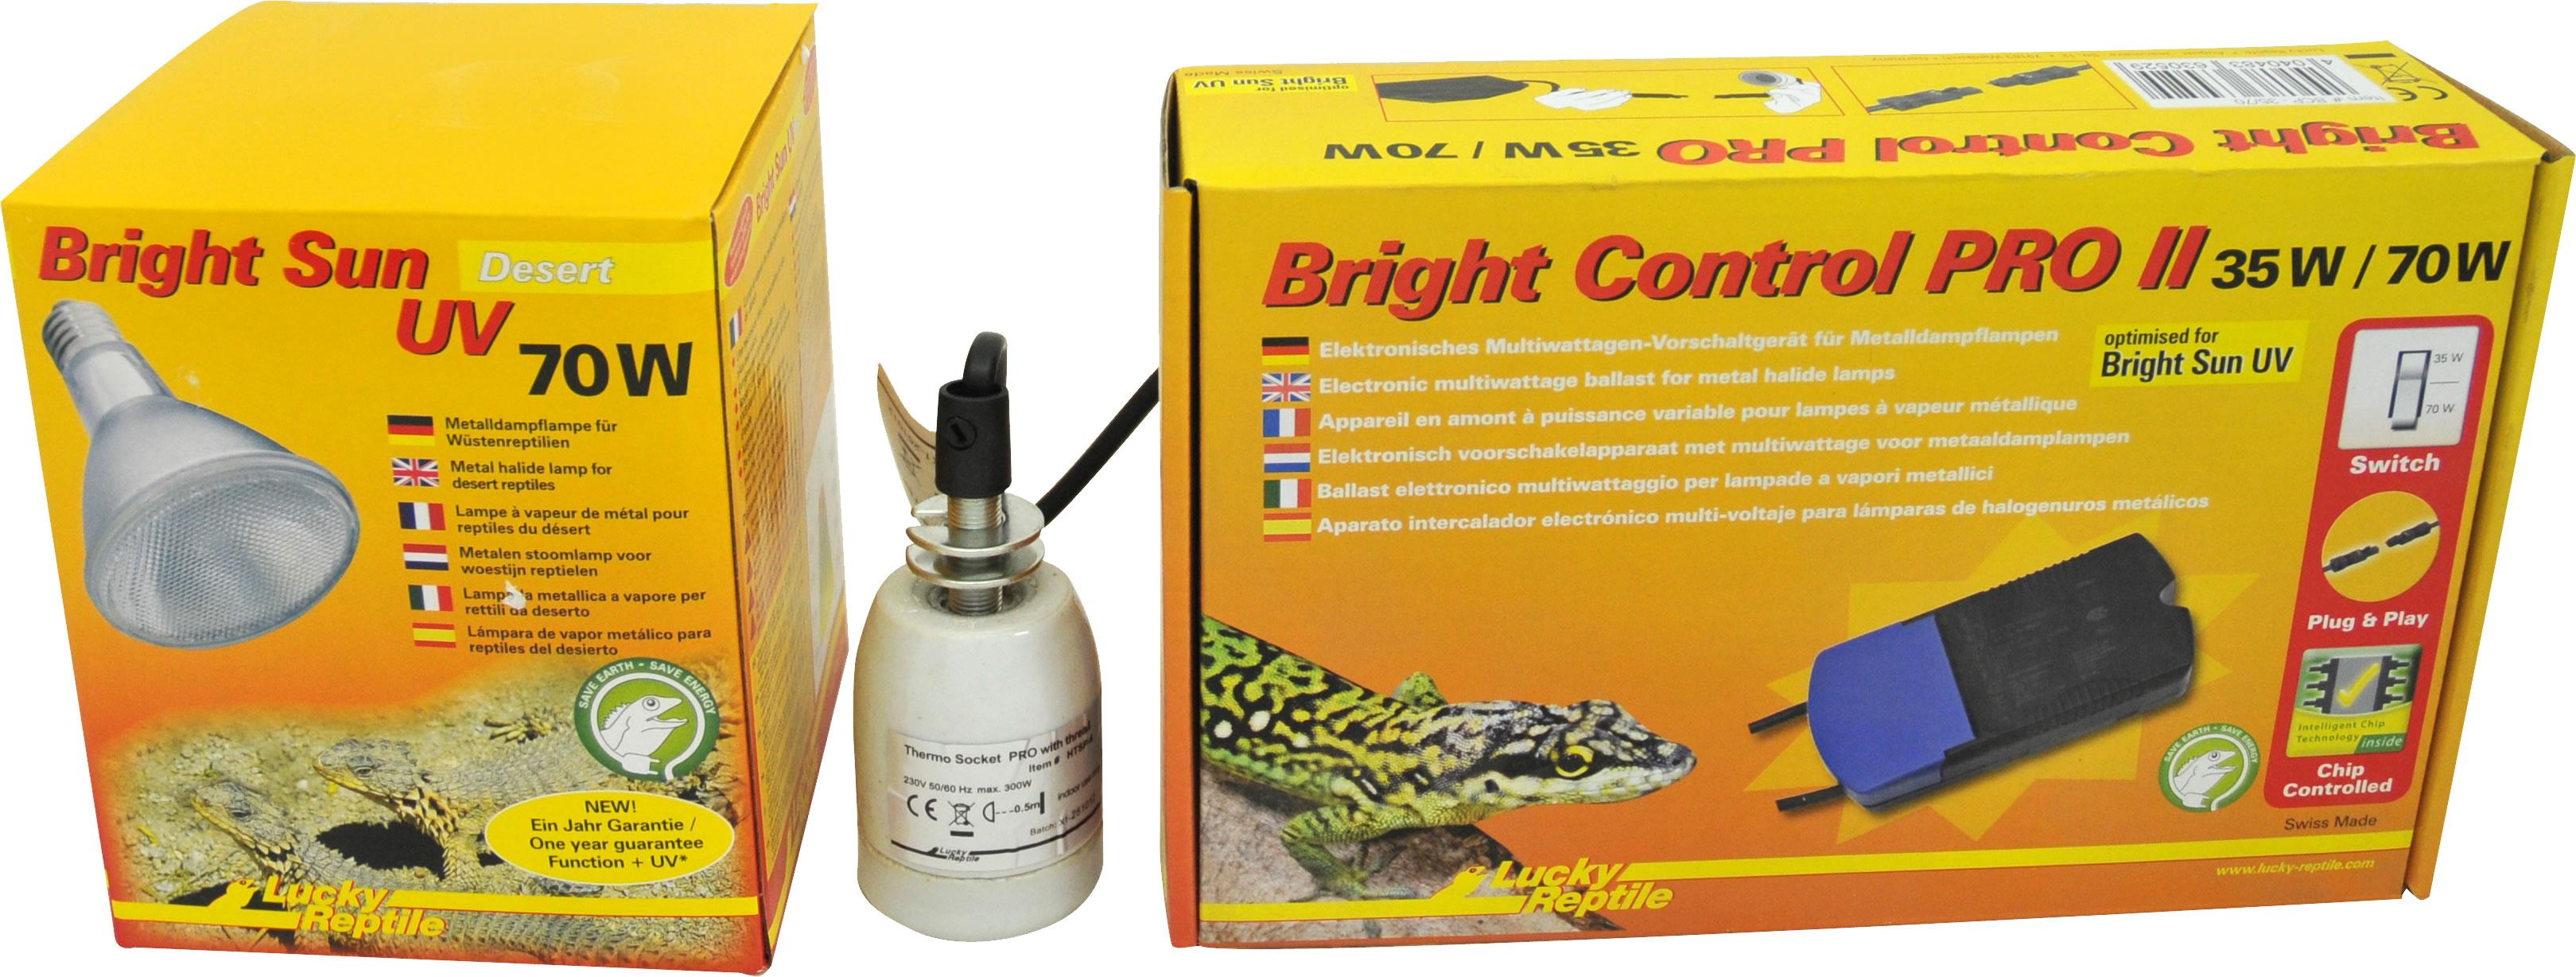 Lucky Reptile Bright Sun UV Desert Komplettset